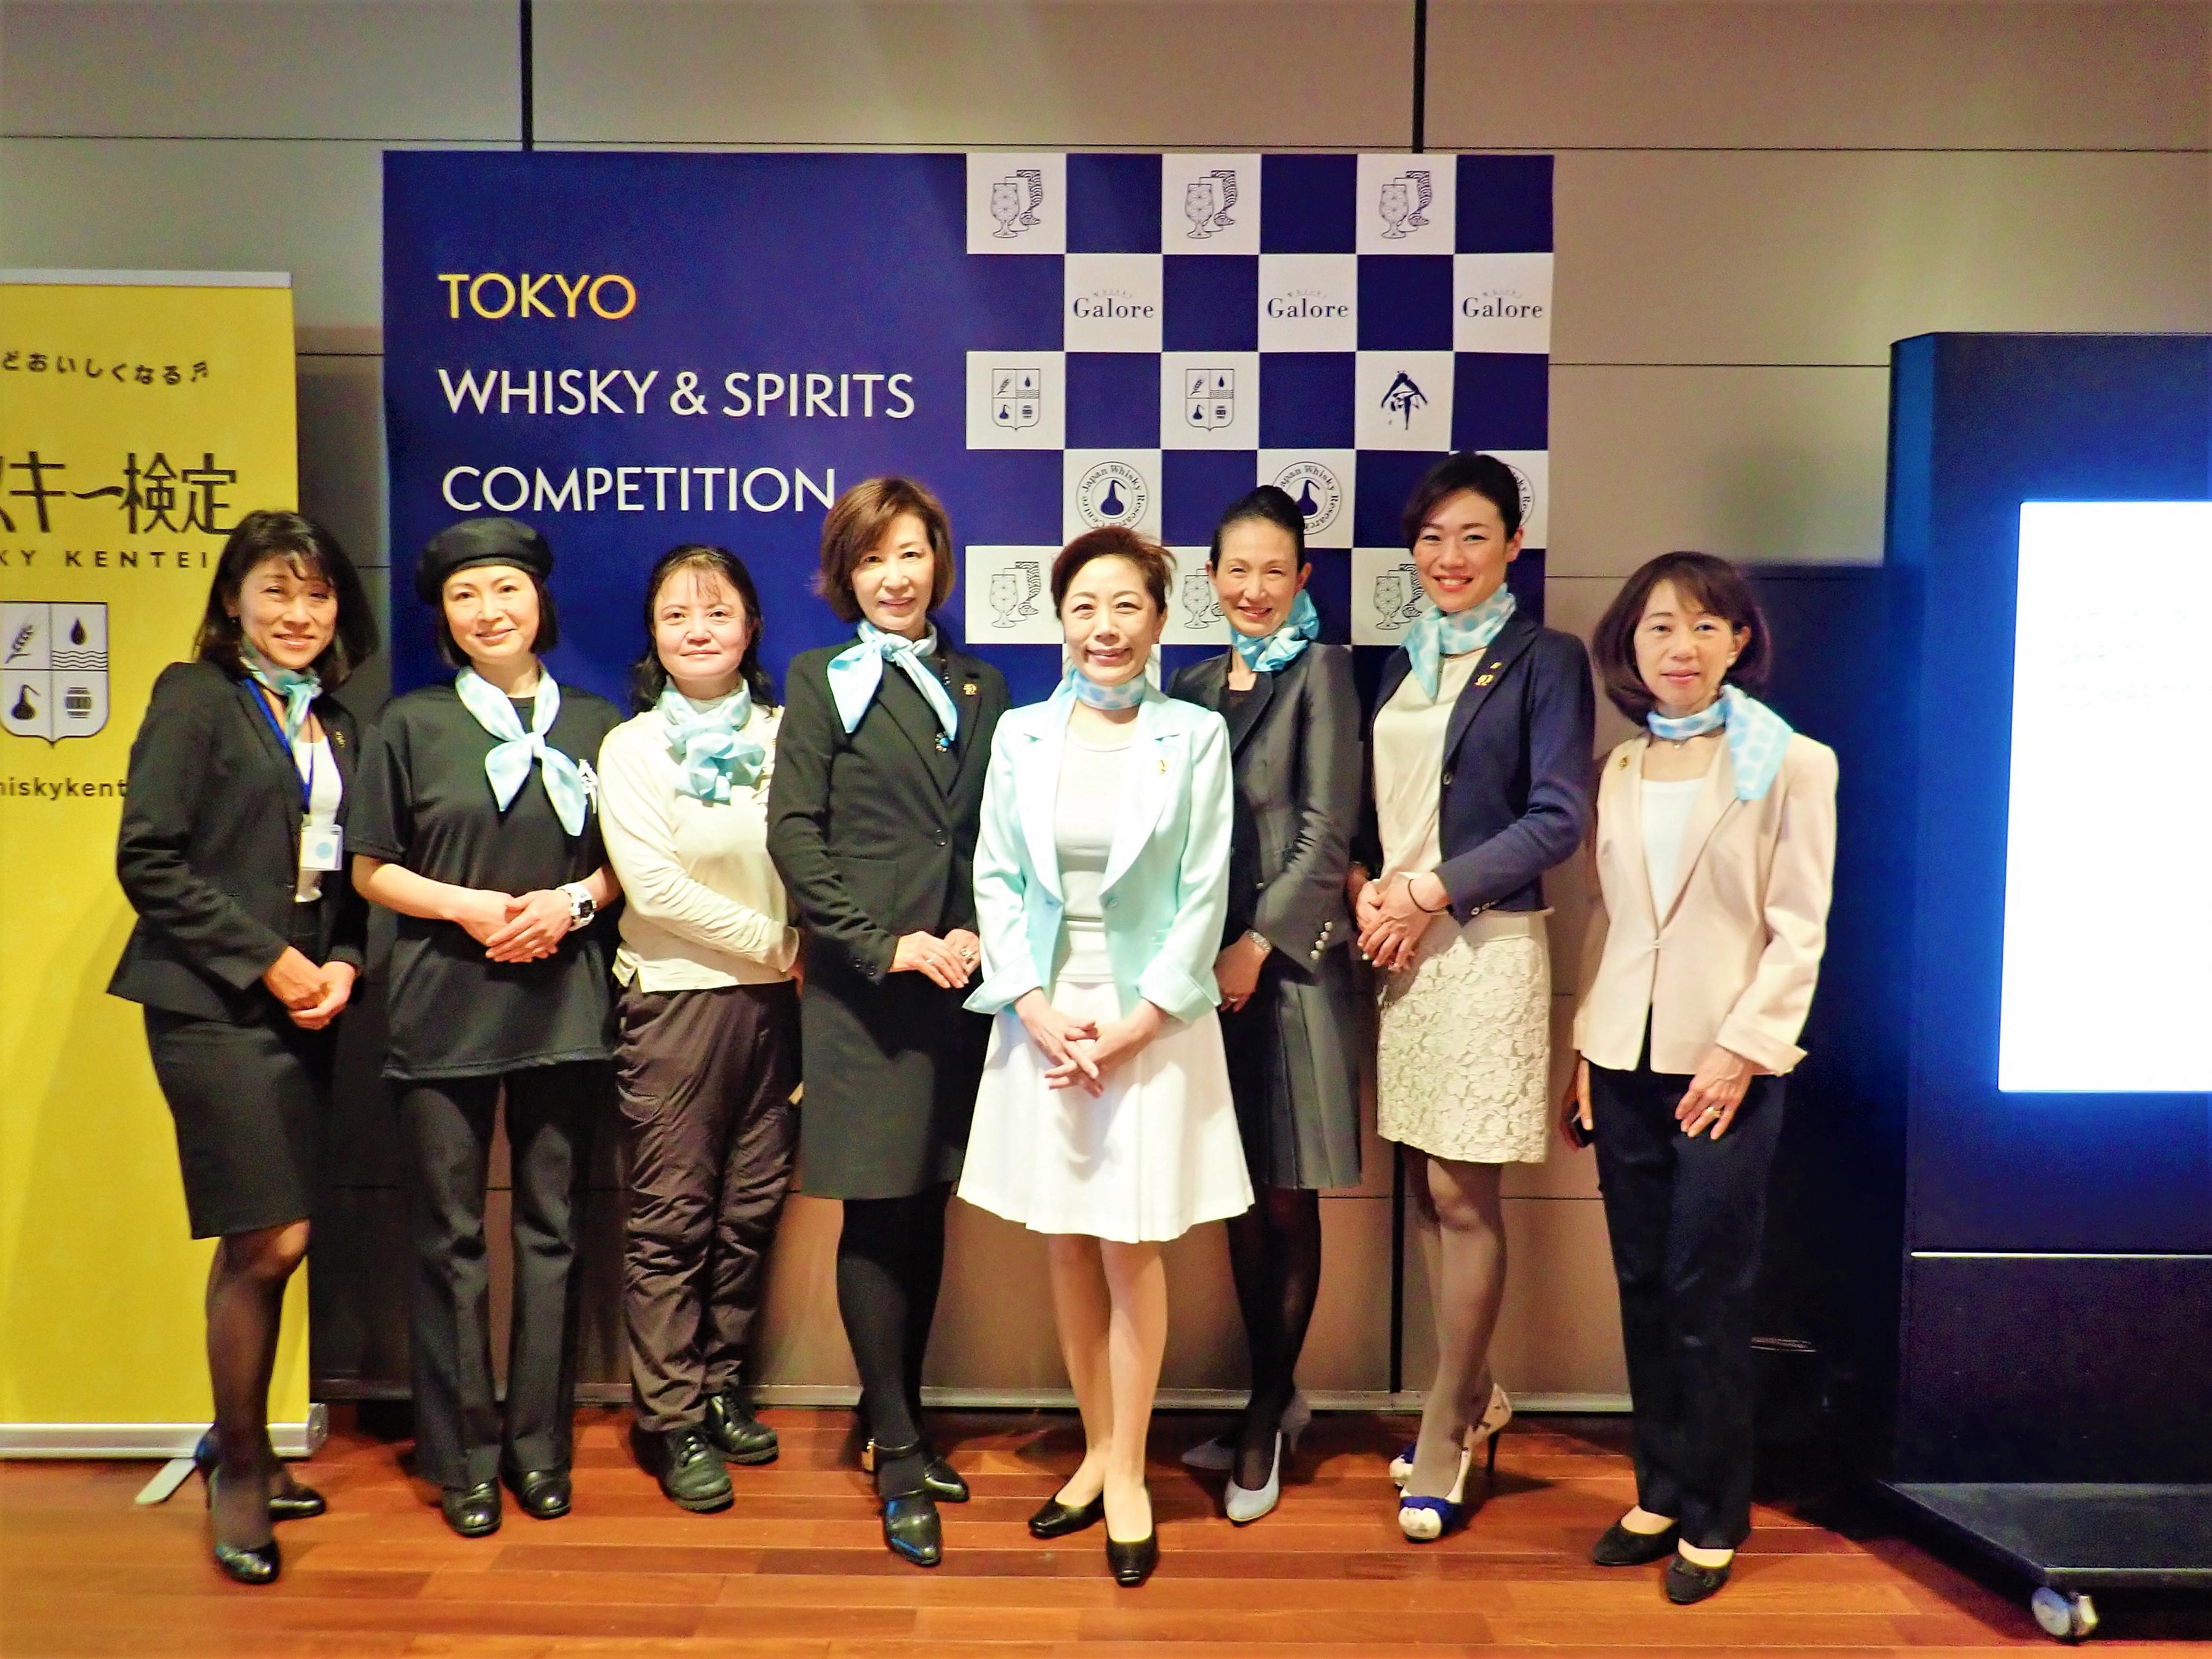 おもてなしSAKE女|一般社団法人日本のSAKEとWINEを愛する女性の会